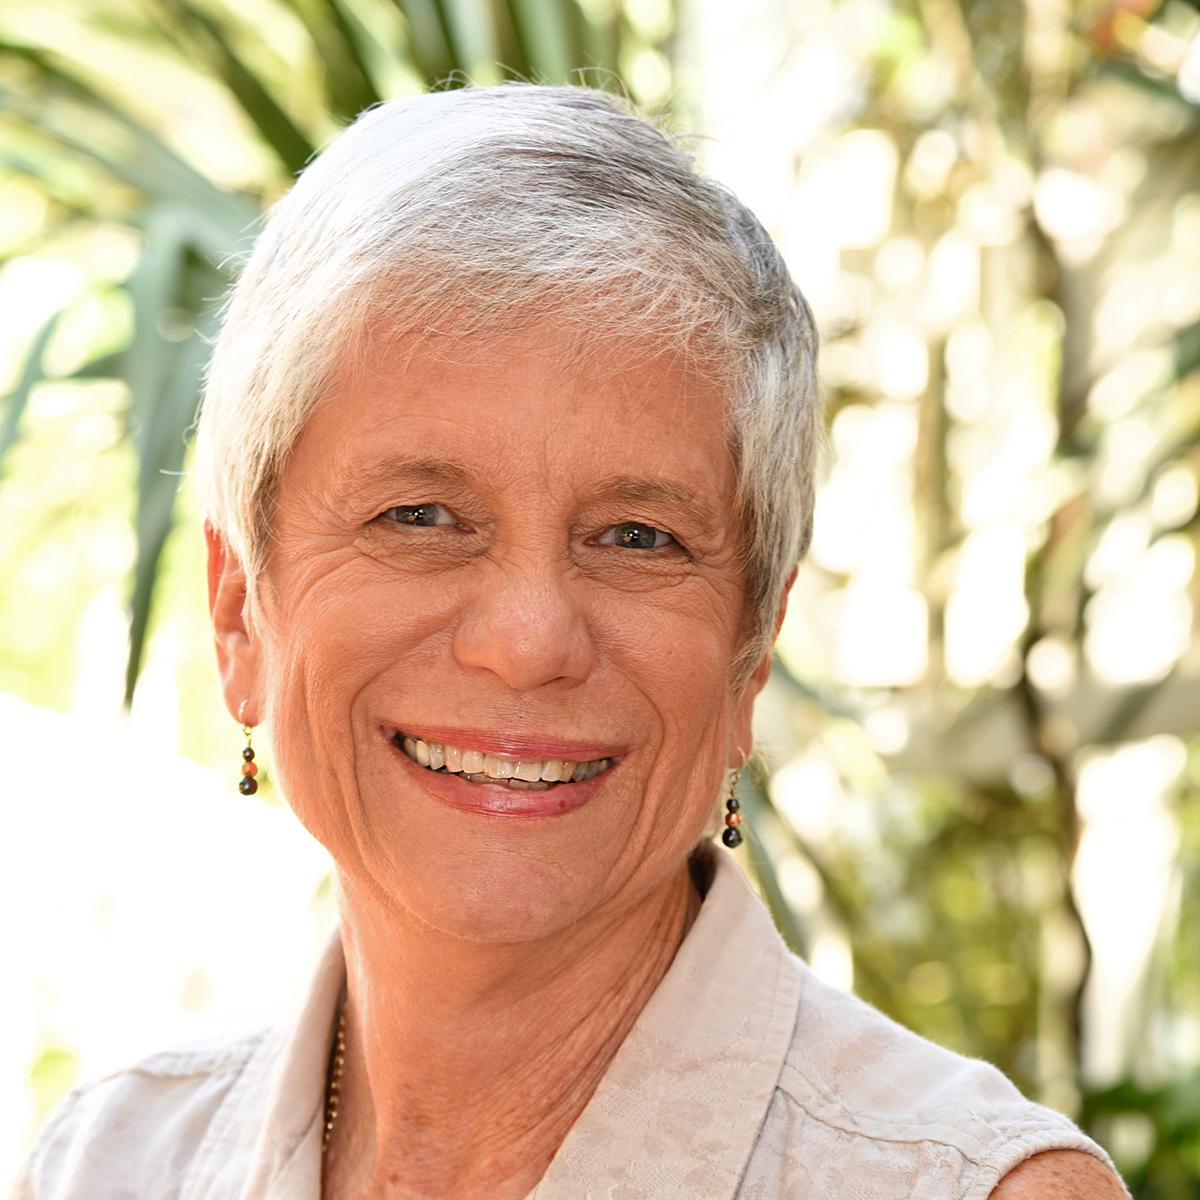 Karen Loper